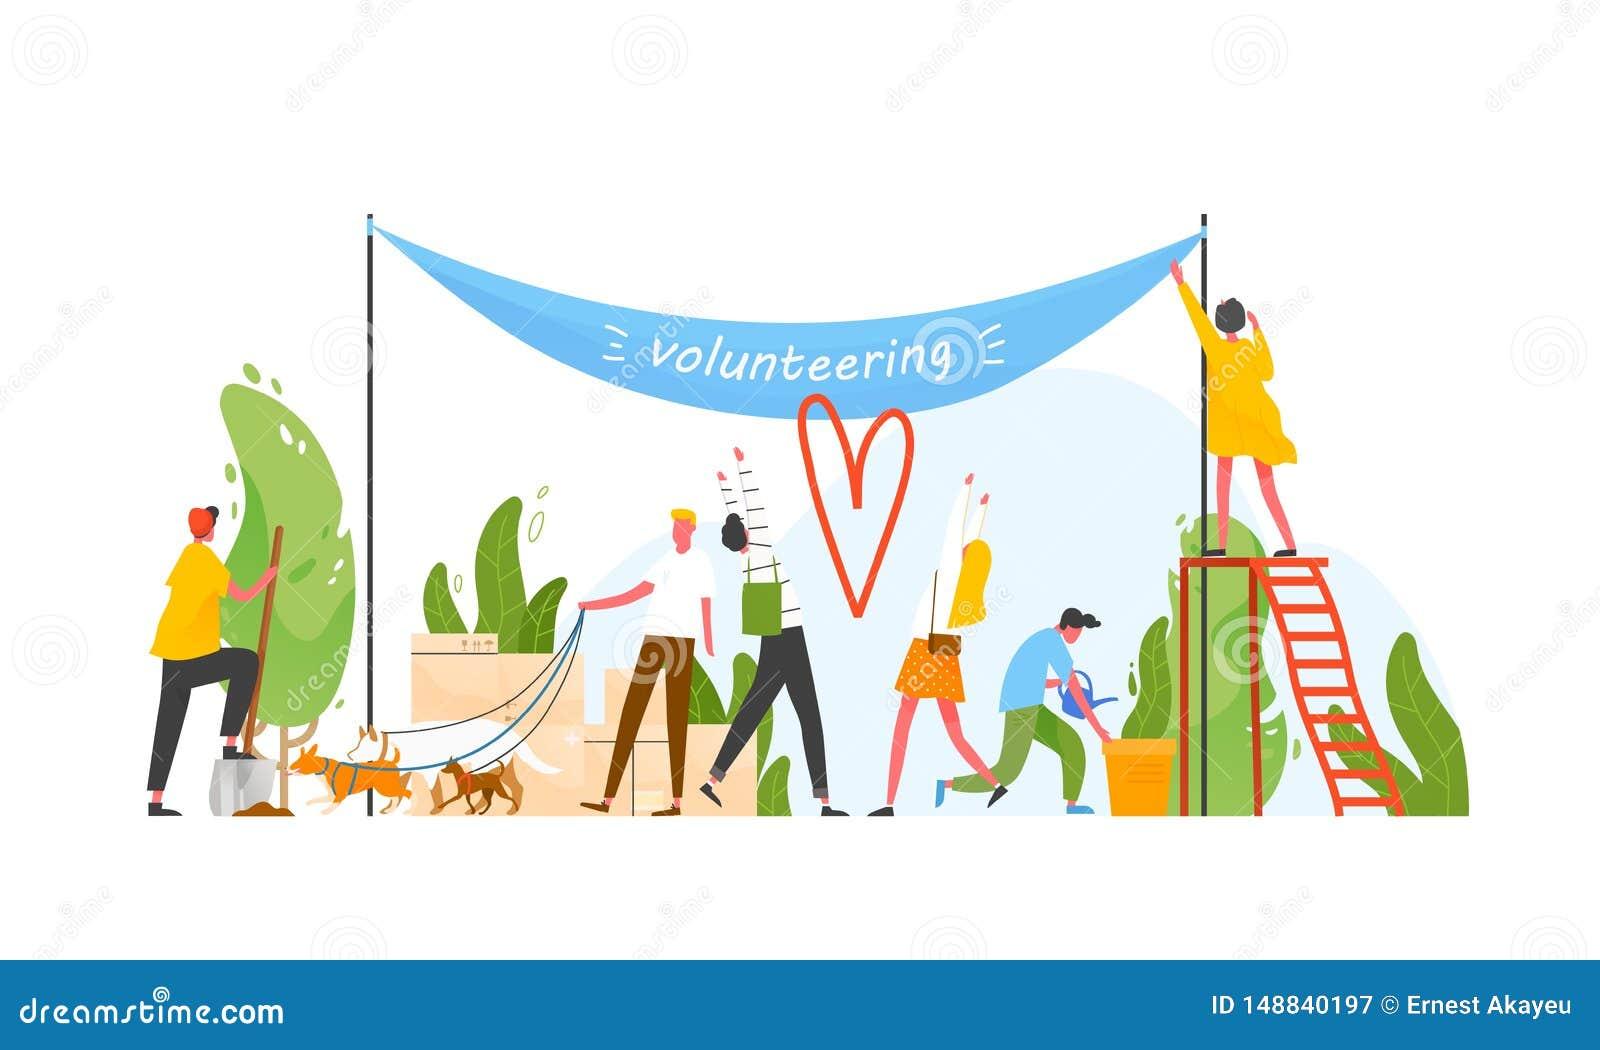 参加志愿组织或运动,志愿或者执行利他的活动的人